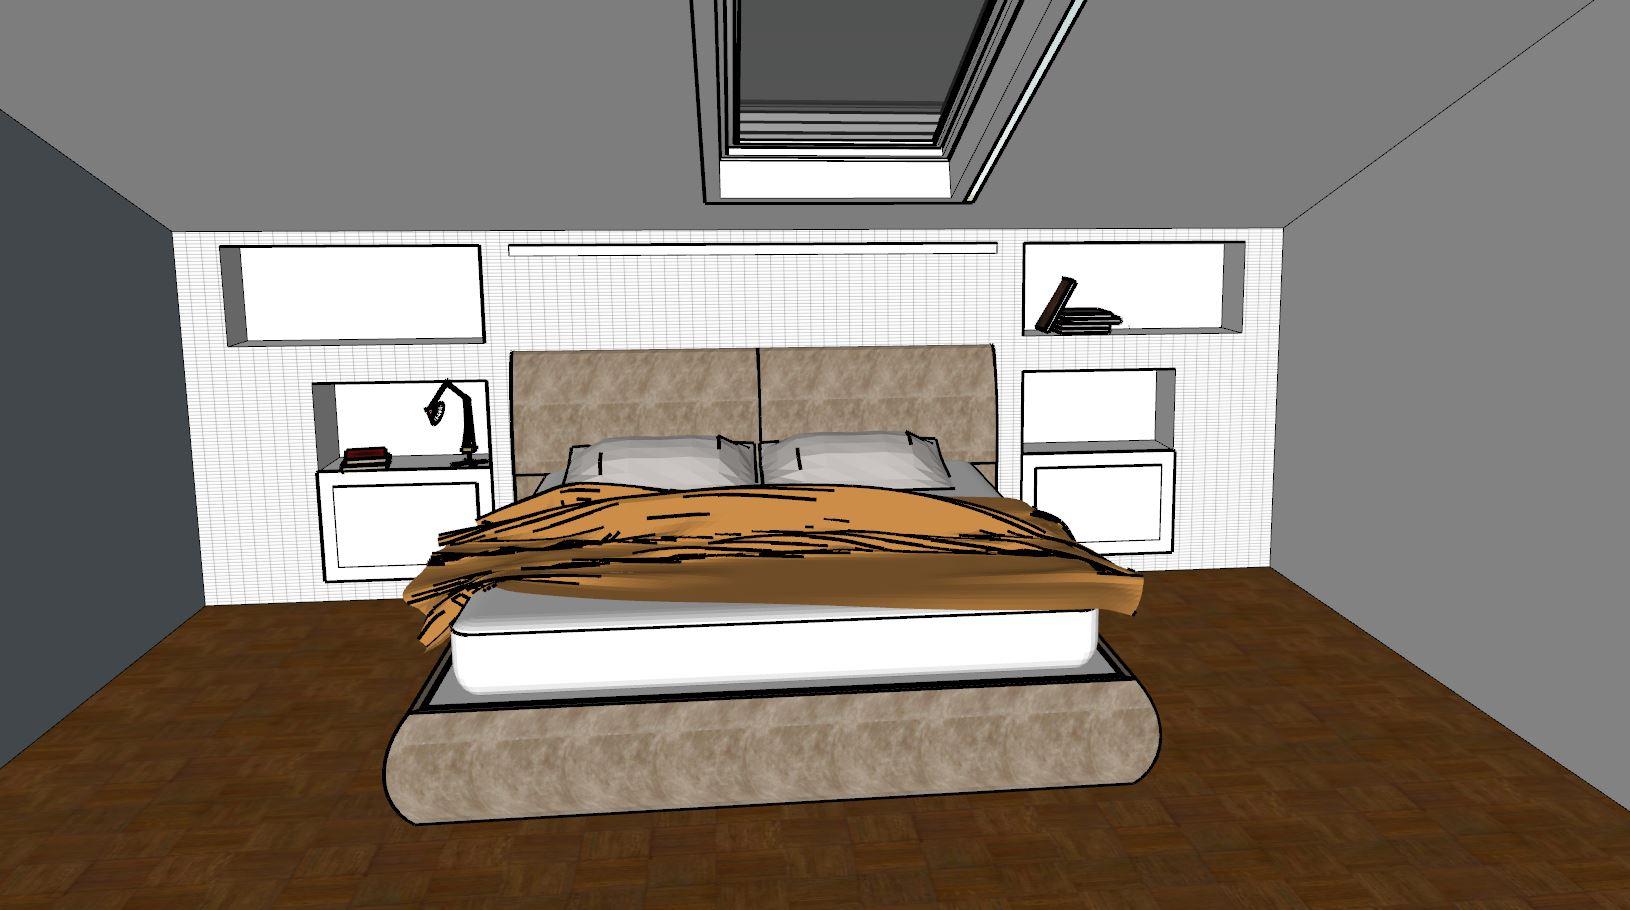 Design Piccola Camera Da Letto Moderna.4 Modi Di Arredare La Camera Da Letto Di Piccole Dimensioni